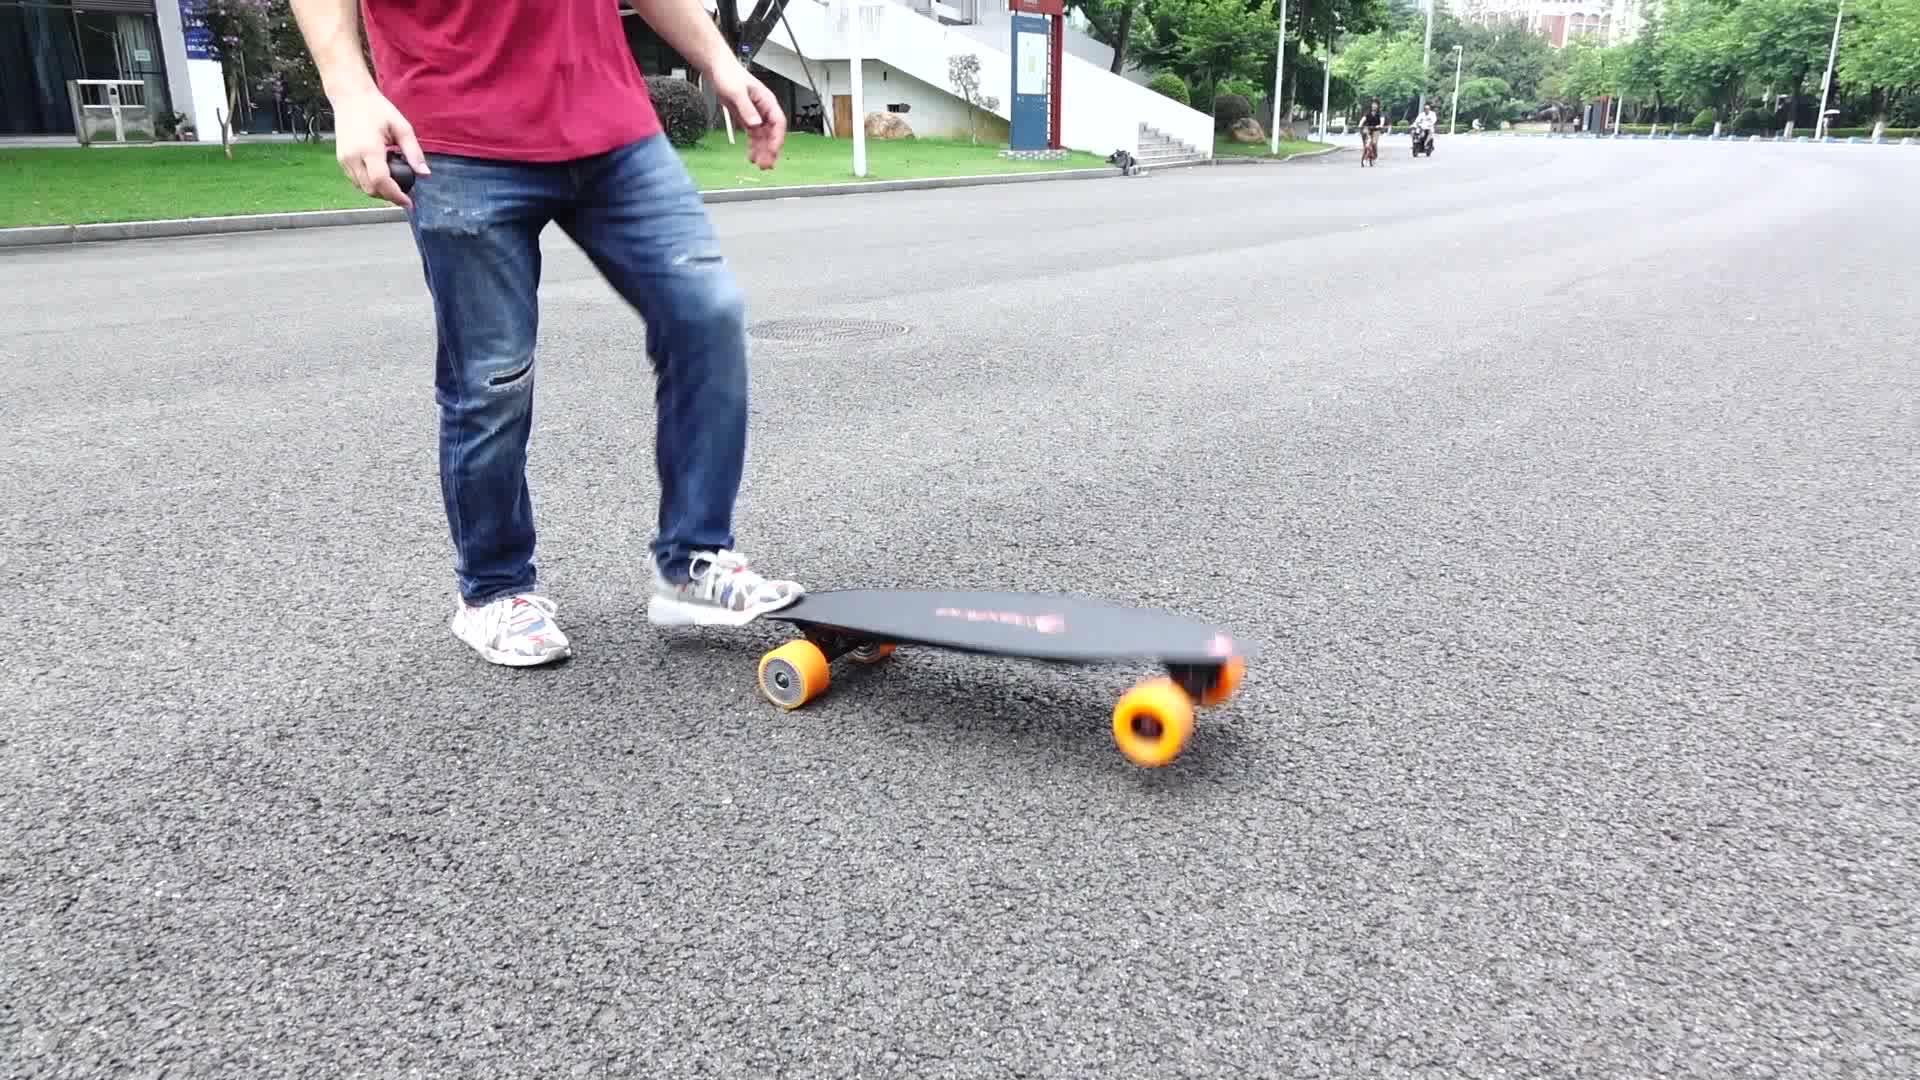 UE warehouse trasporto libero 90 millimetri ruote doppio motore oem impermeabile elettrico longboard evolve di skateboard